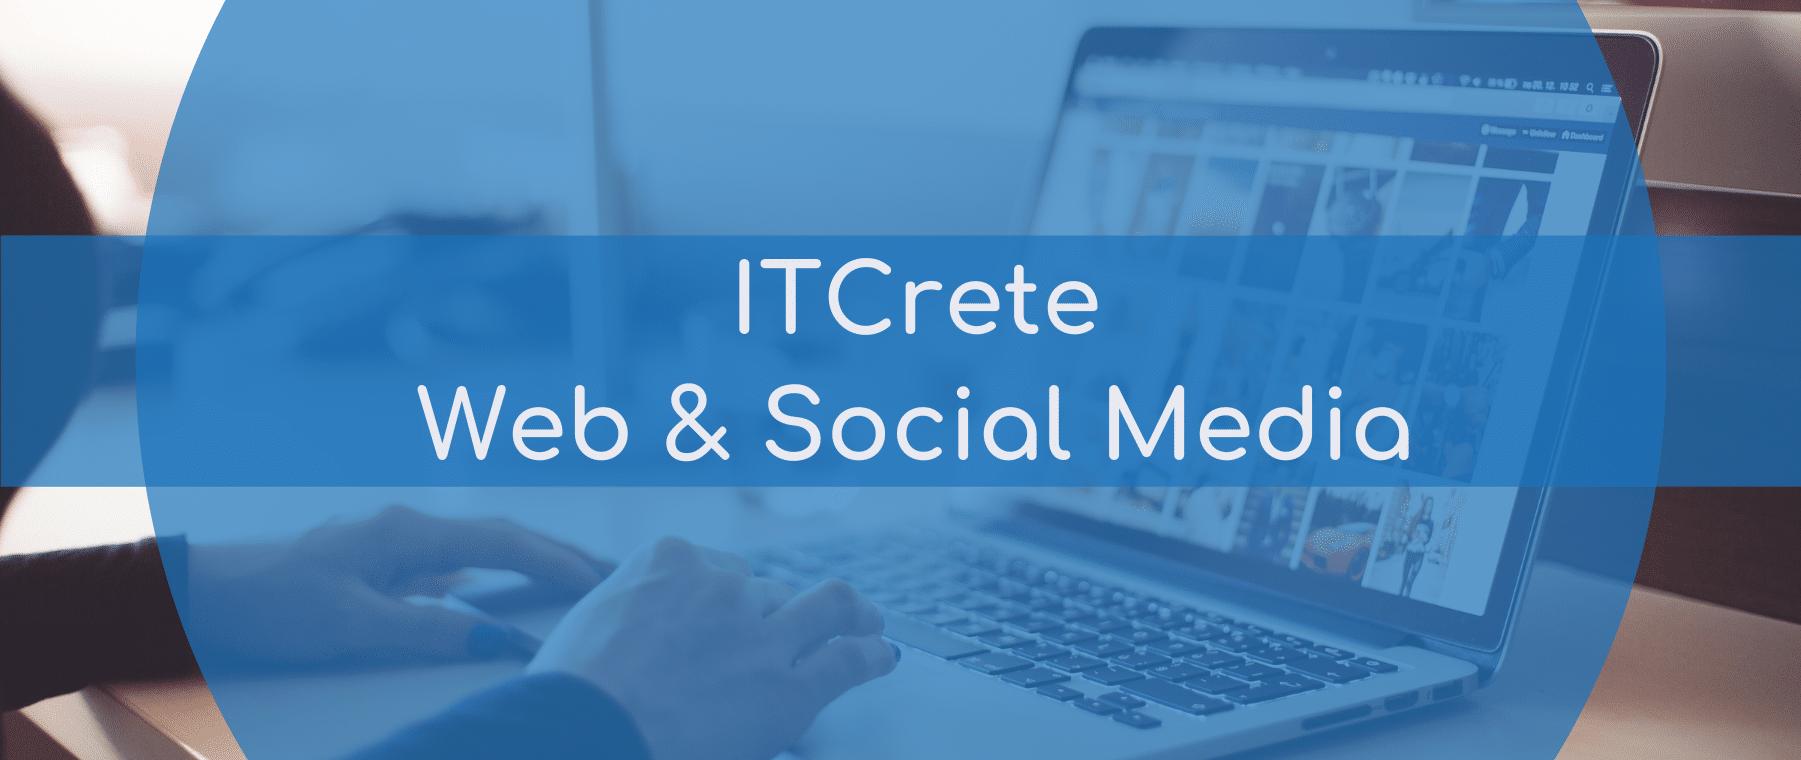 Υπηρεσίες Web & Social Media